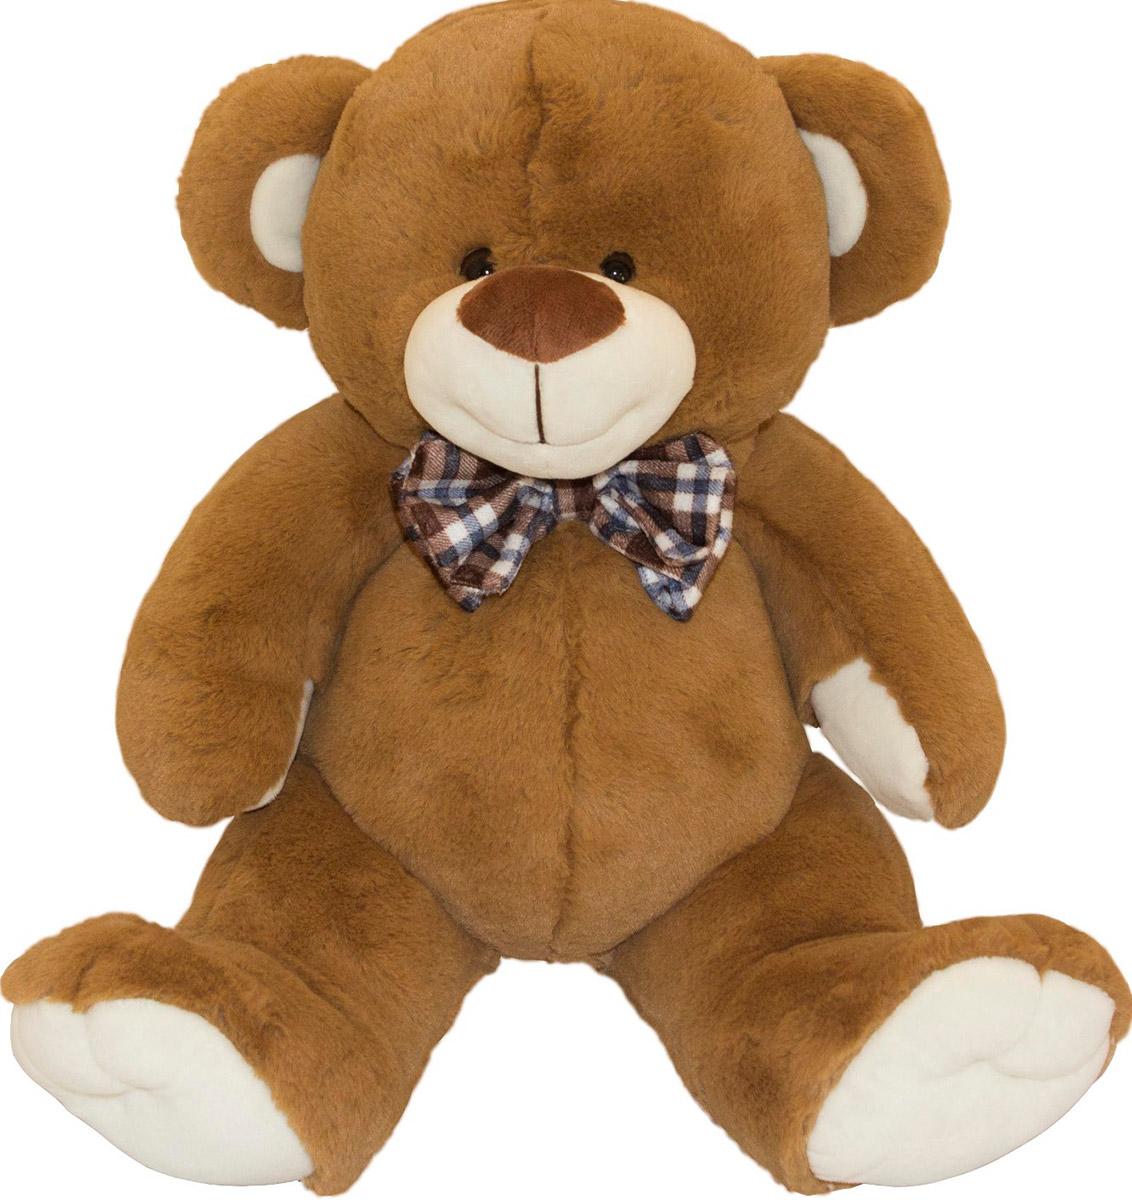 Button Blue Мягкая игрушка Мишка Марвин 34 см40-15-4133-6Мягкая игрушка Мишка Марвин, выполнена в виде очаровательного медвежонка. Игрушка изготовлена из плюша светло-коричневого цвета. У Марвина пластиковые черные глазки, милая улыбка и коричневый бантик в клеточку на шее. Удивительно мягкая игрушка принесет радость и подарит своему обладателю мгновения нежных объятий и приятных воспоминаний. Великолепное качество исполнения делают эту игрушку чудесным подарком к любому празднику. Трогательная и симпатичная, она непременно вызовет улыбку у детей и взрослых.